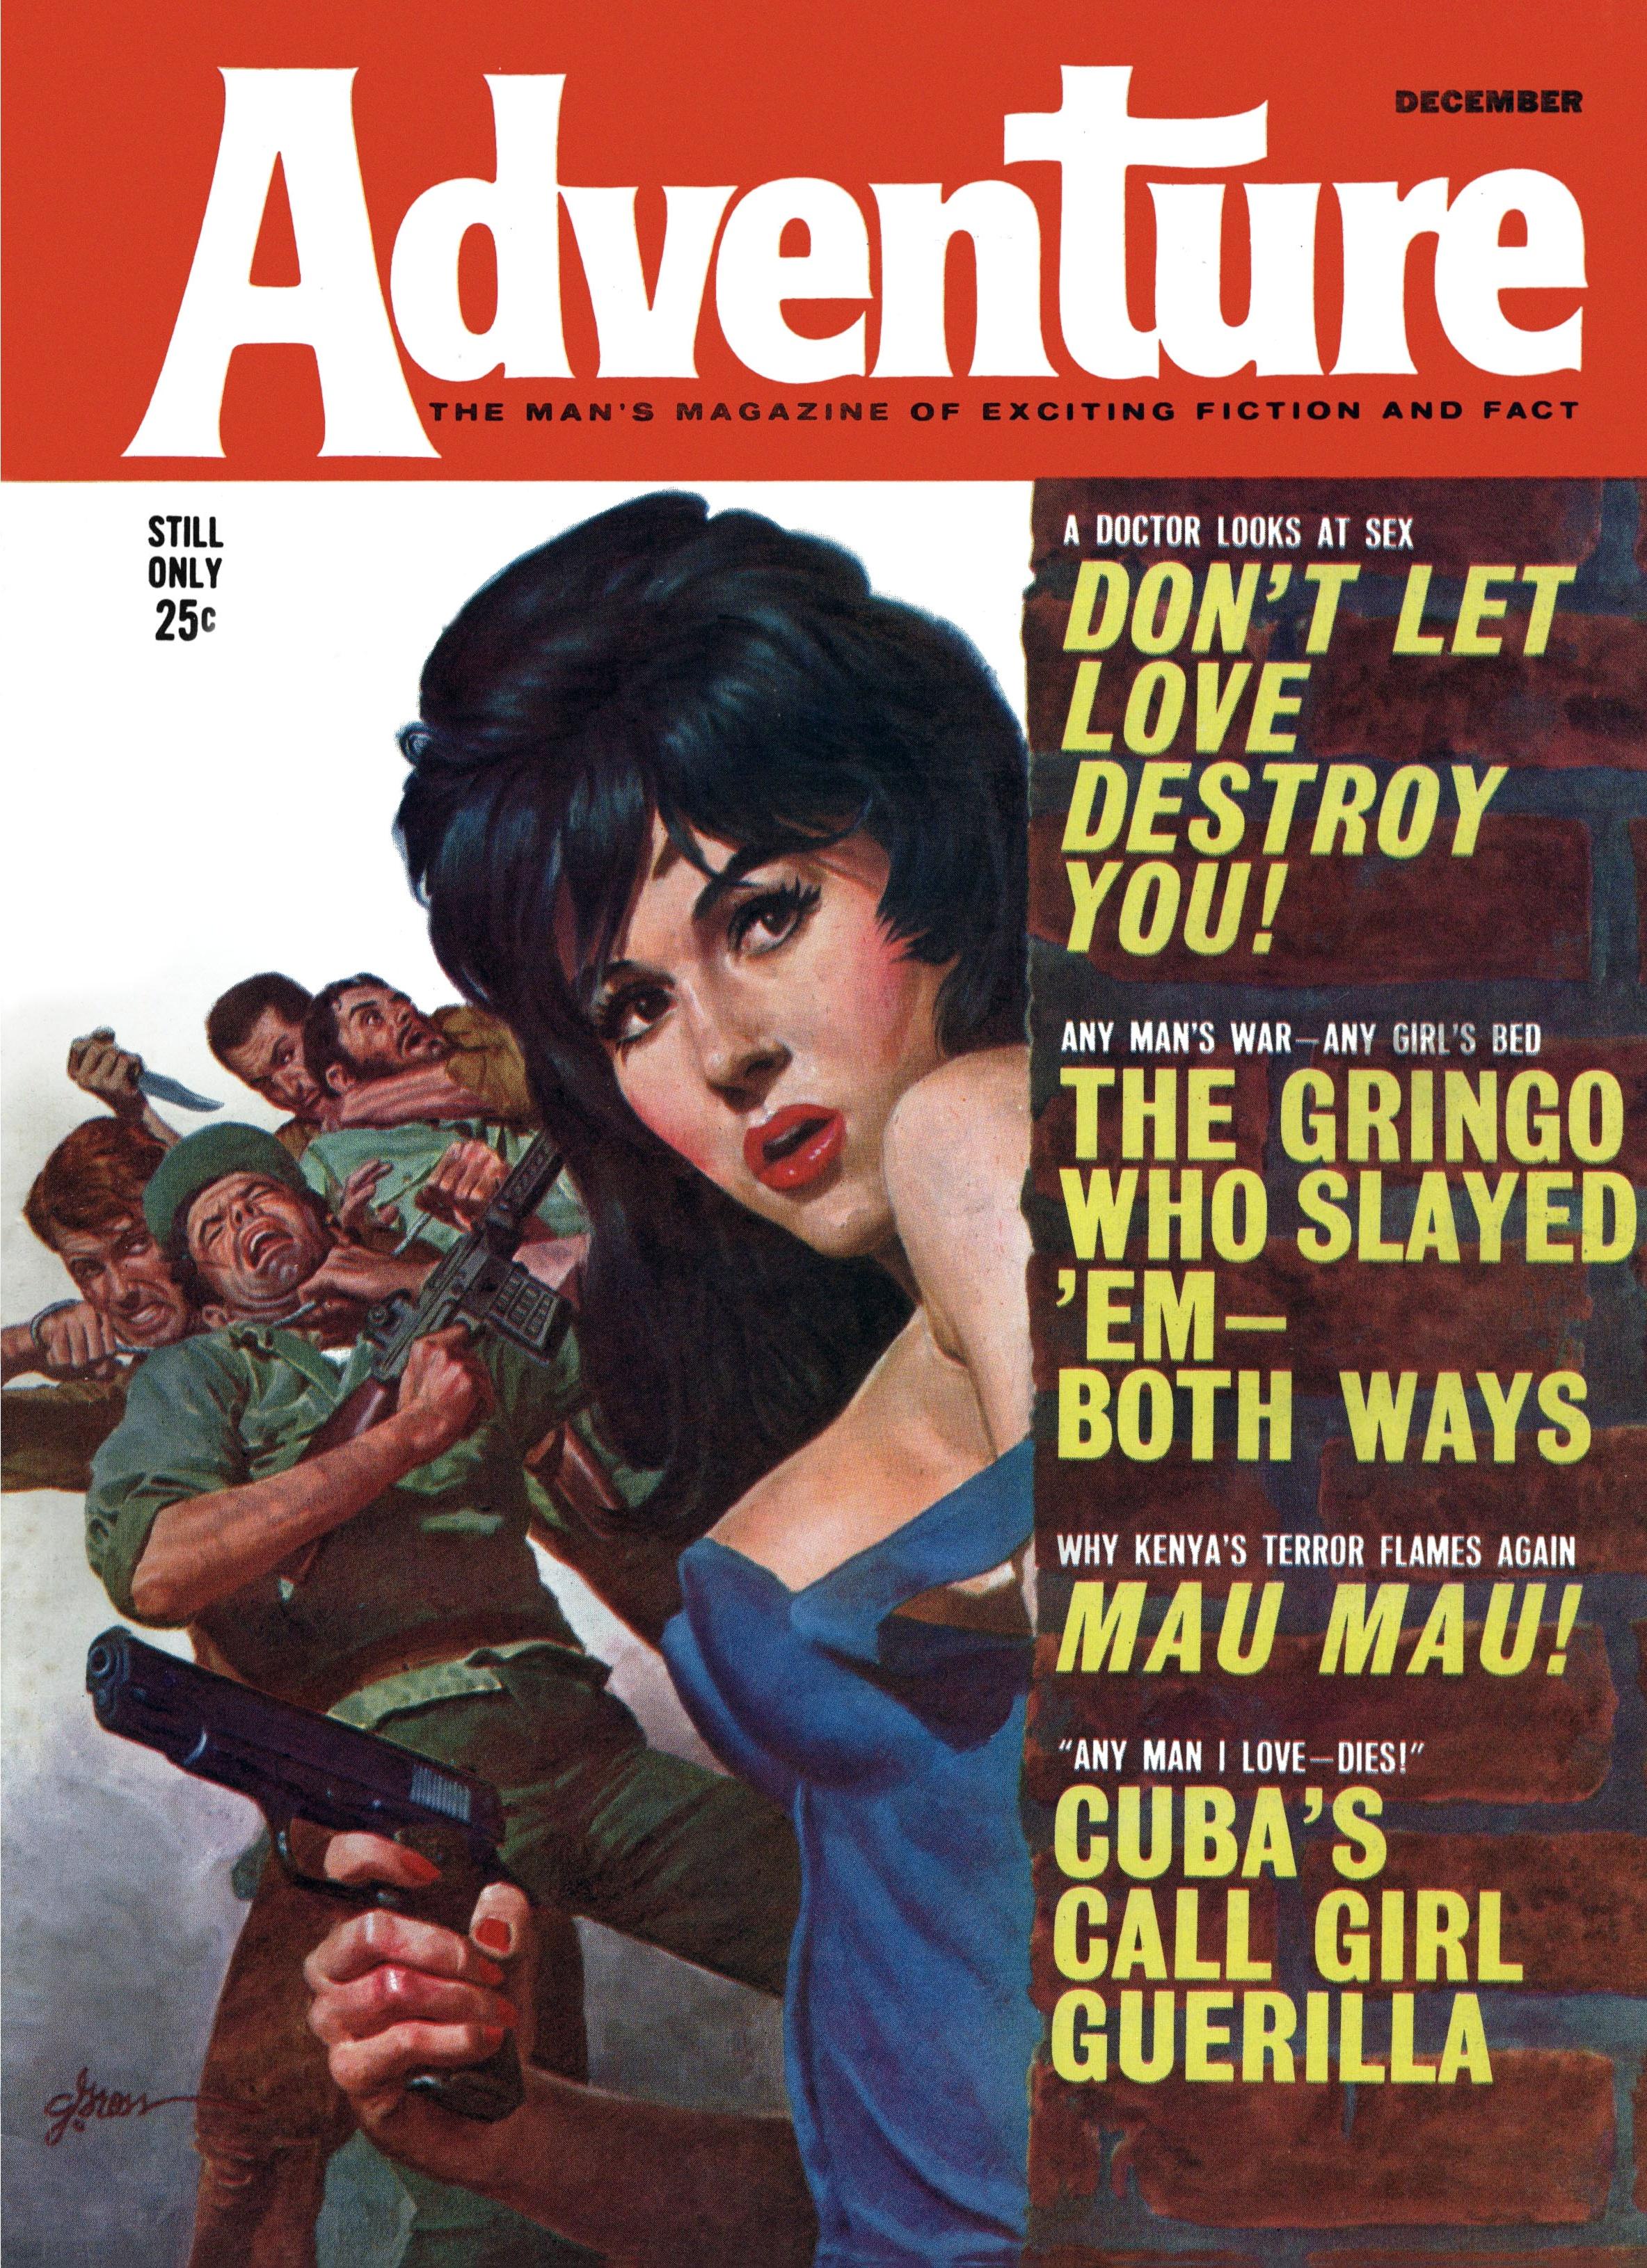 Teen girls in Cuba